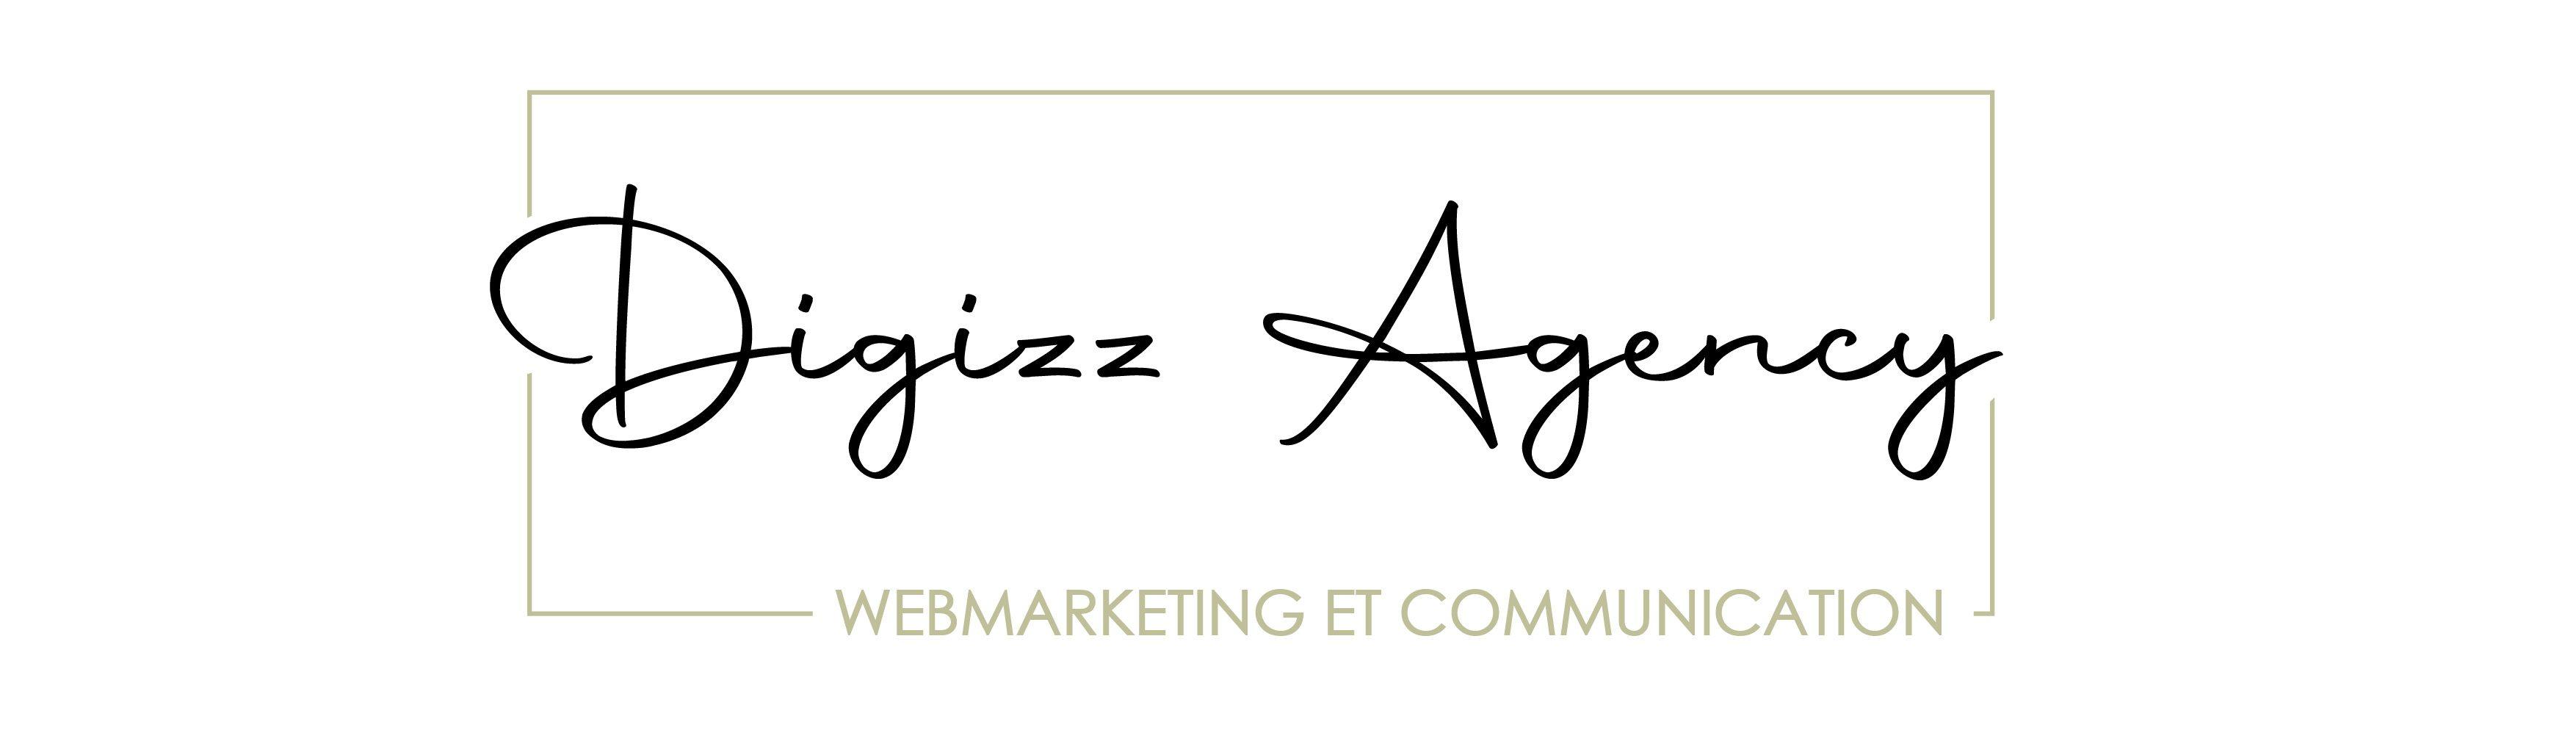 Digizz Agency